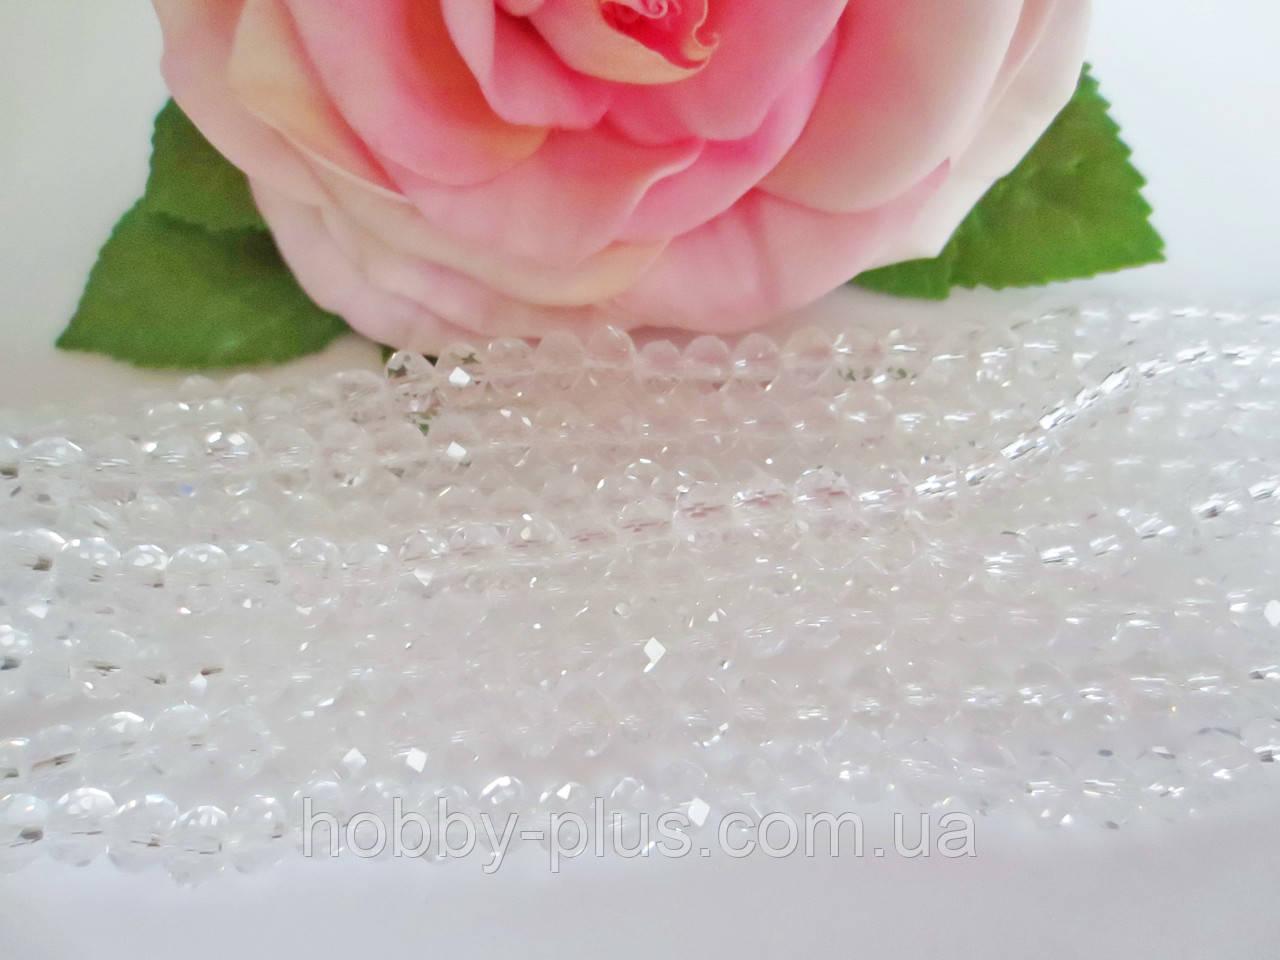 Бусины хрустальные 6х4 мм, 48-50 шт, цвет белый (прозрачный)